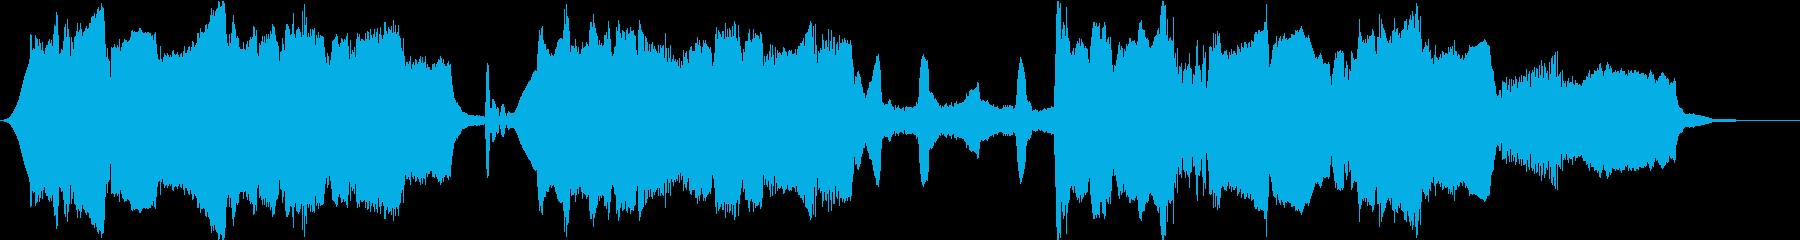 しっとりとしたクラリネット主体の室内楽風の再生済みの波形